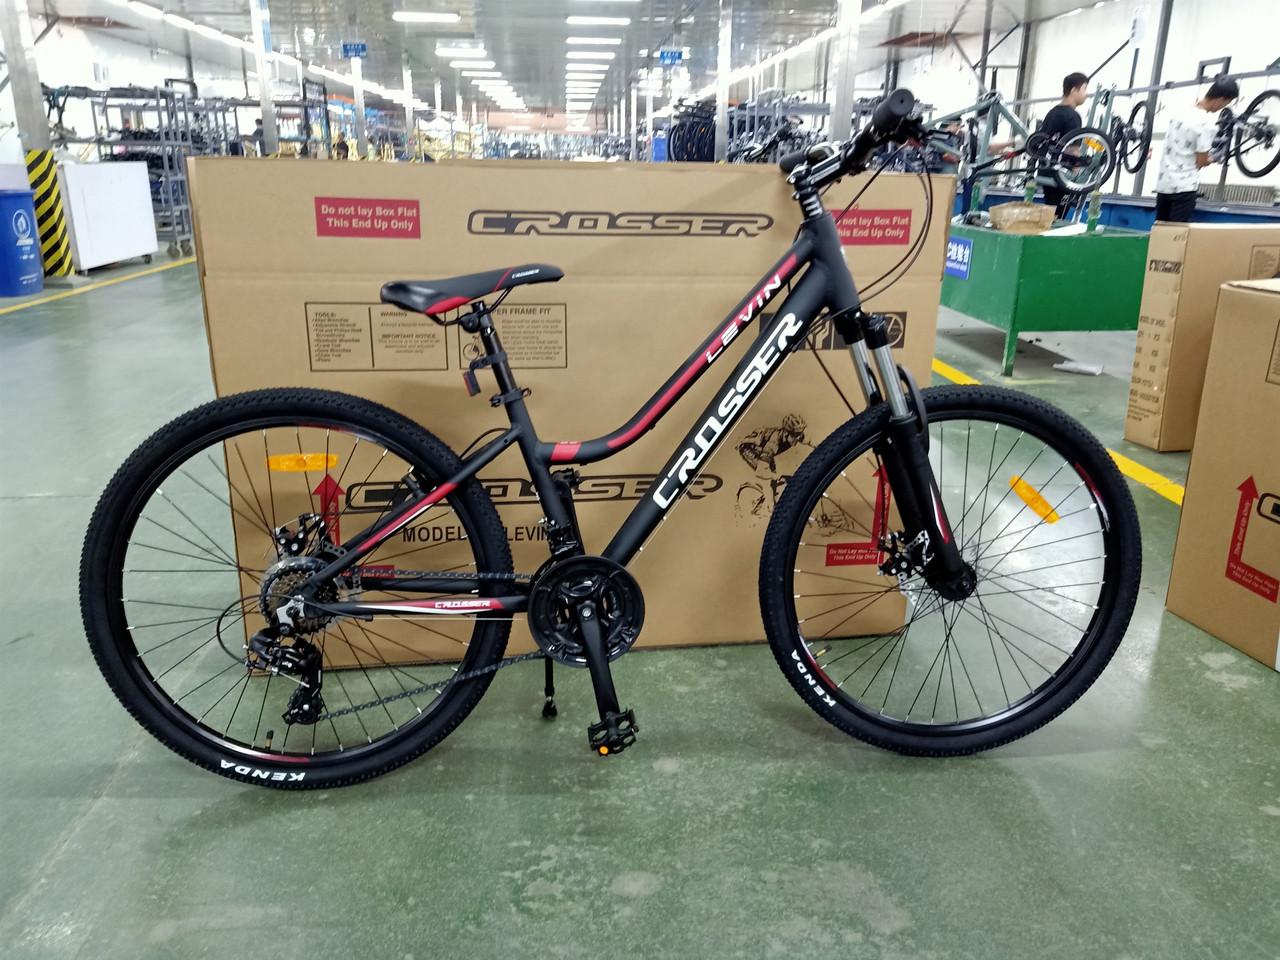 Велосипед CROSSER 24  LEVIN 12 2020 года Черно\Красный цвет